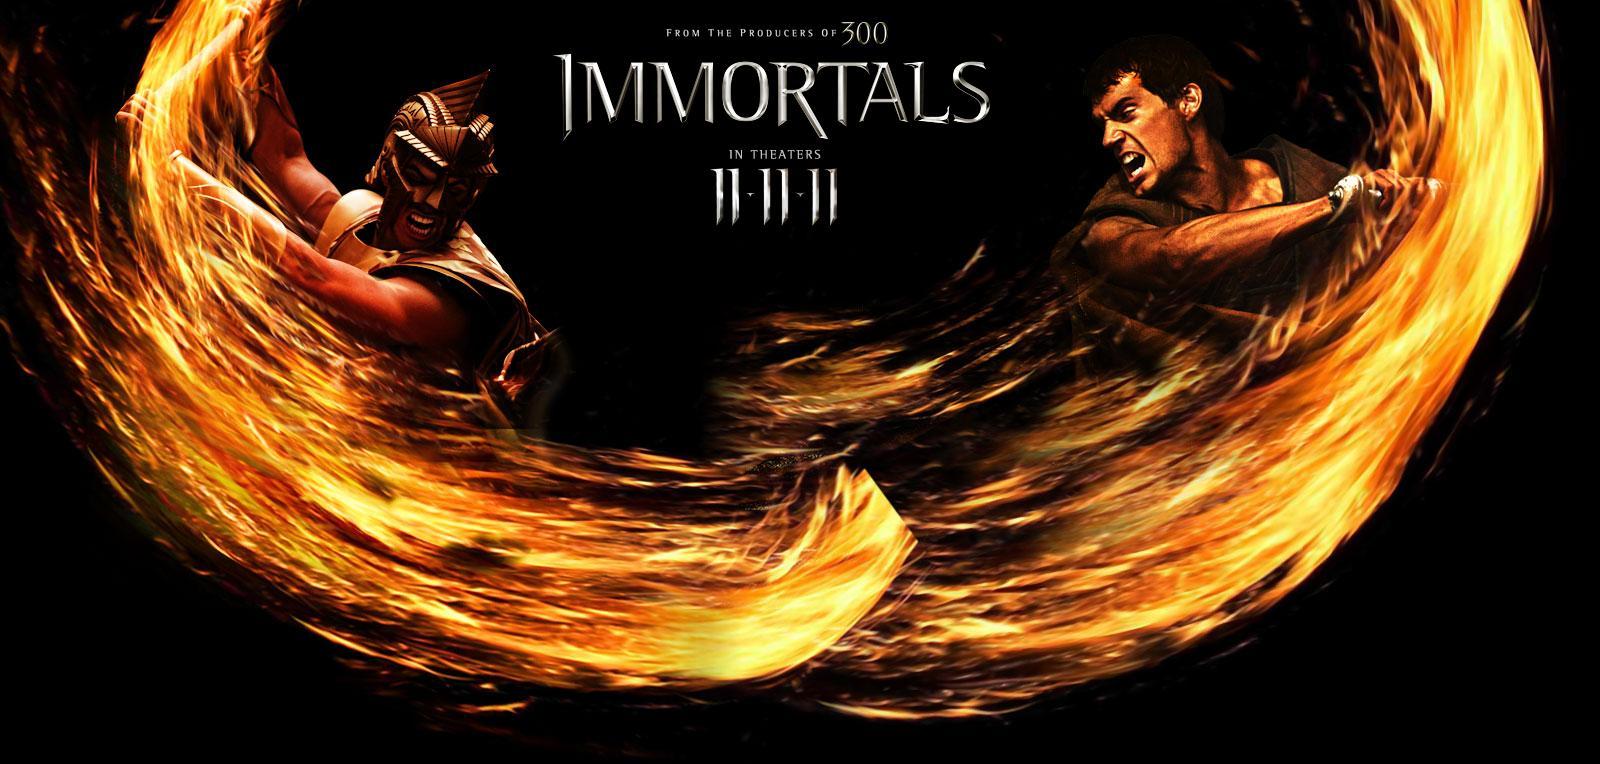 immortals film review 2011